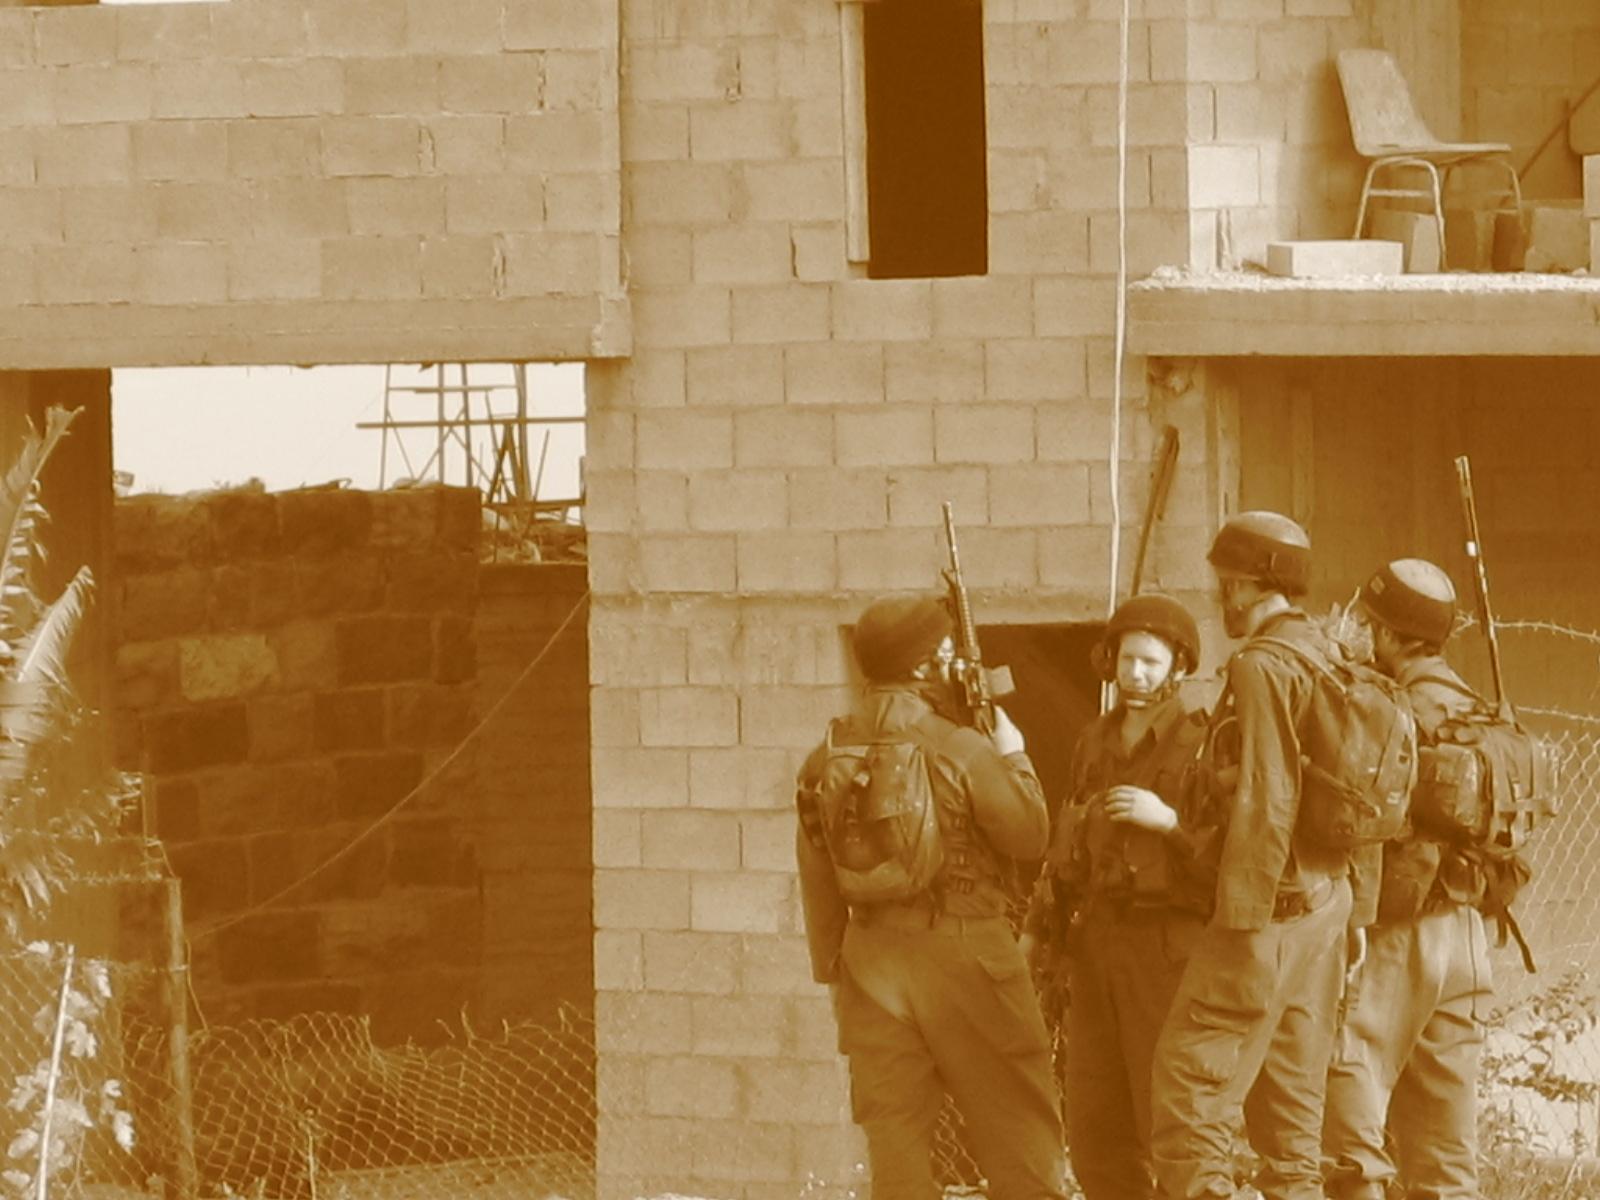 בפעילות מבצעית בנצח יהודה